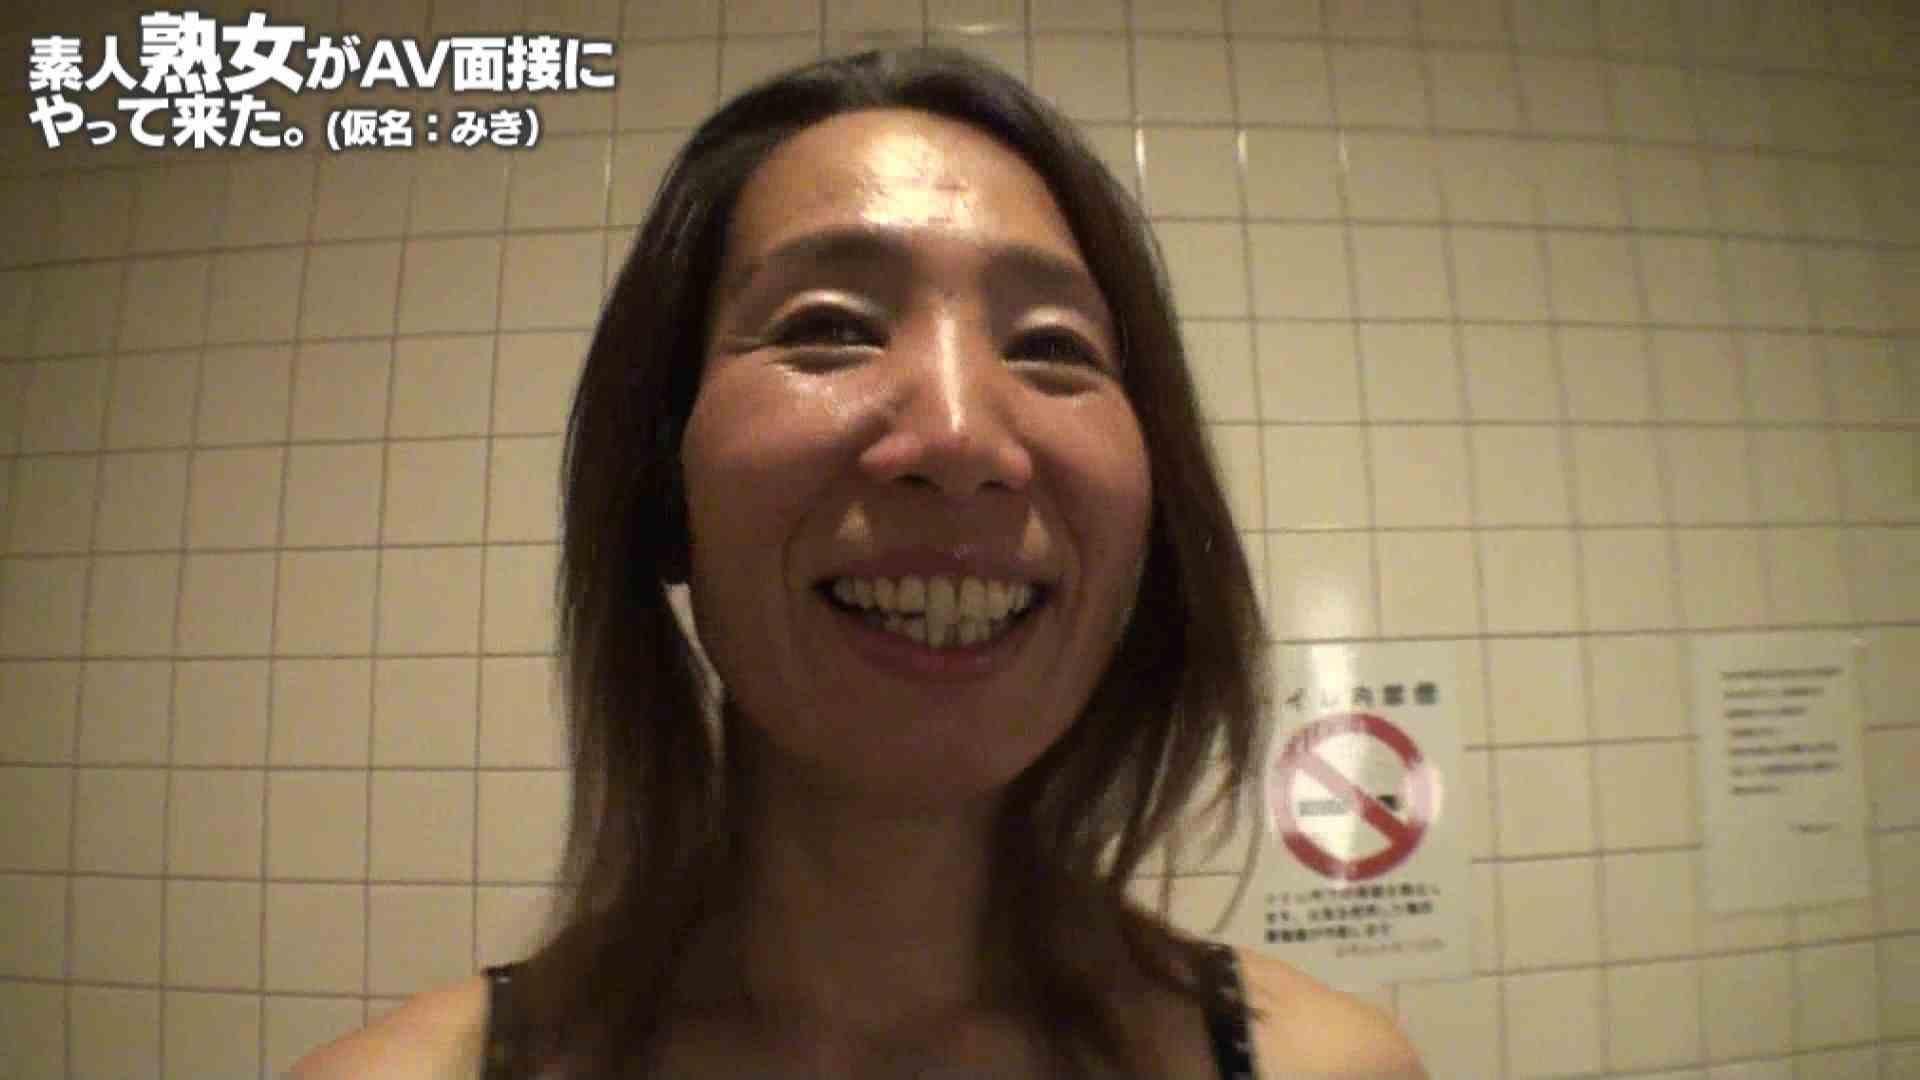 素人熟女がAV面接にやってきた (熟女)みきさんVOL.03 熟女 アダルト動画キャプチャ 73PIX 10